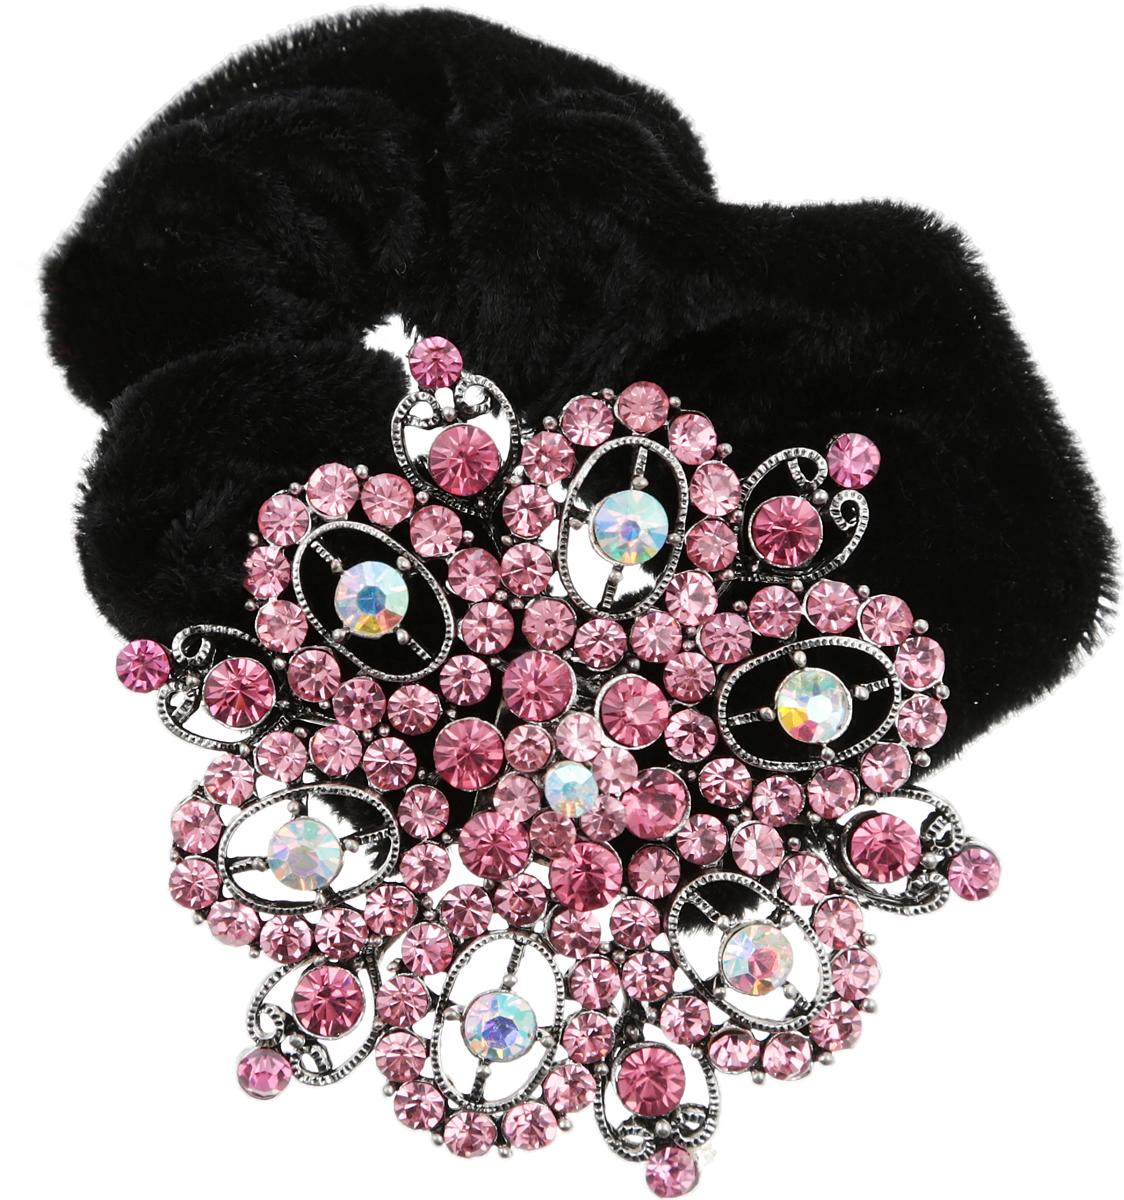 Резинка для волос от D.Mari. Велюр, кристаллы Aurora Borealis, розовые кристаллы, бижутерный сплав серебряного тона. Гонконг1705-WHITE-DAMРезинка для волос от D.Mari. Велюр, кристаллы Aurora Borealis, розовые кристаллы, бижутерный сплав серебряного тона. Гонконг. Размер - резинка эластичная подойдет на любой размер.